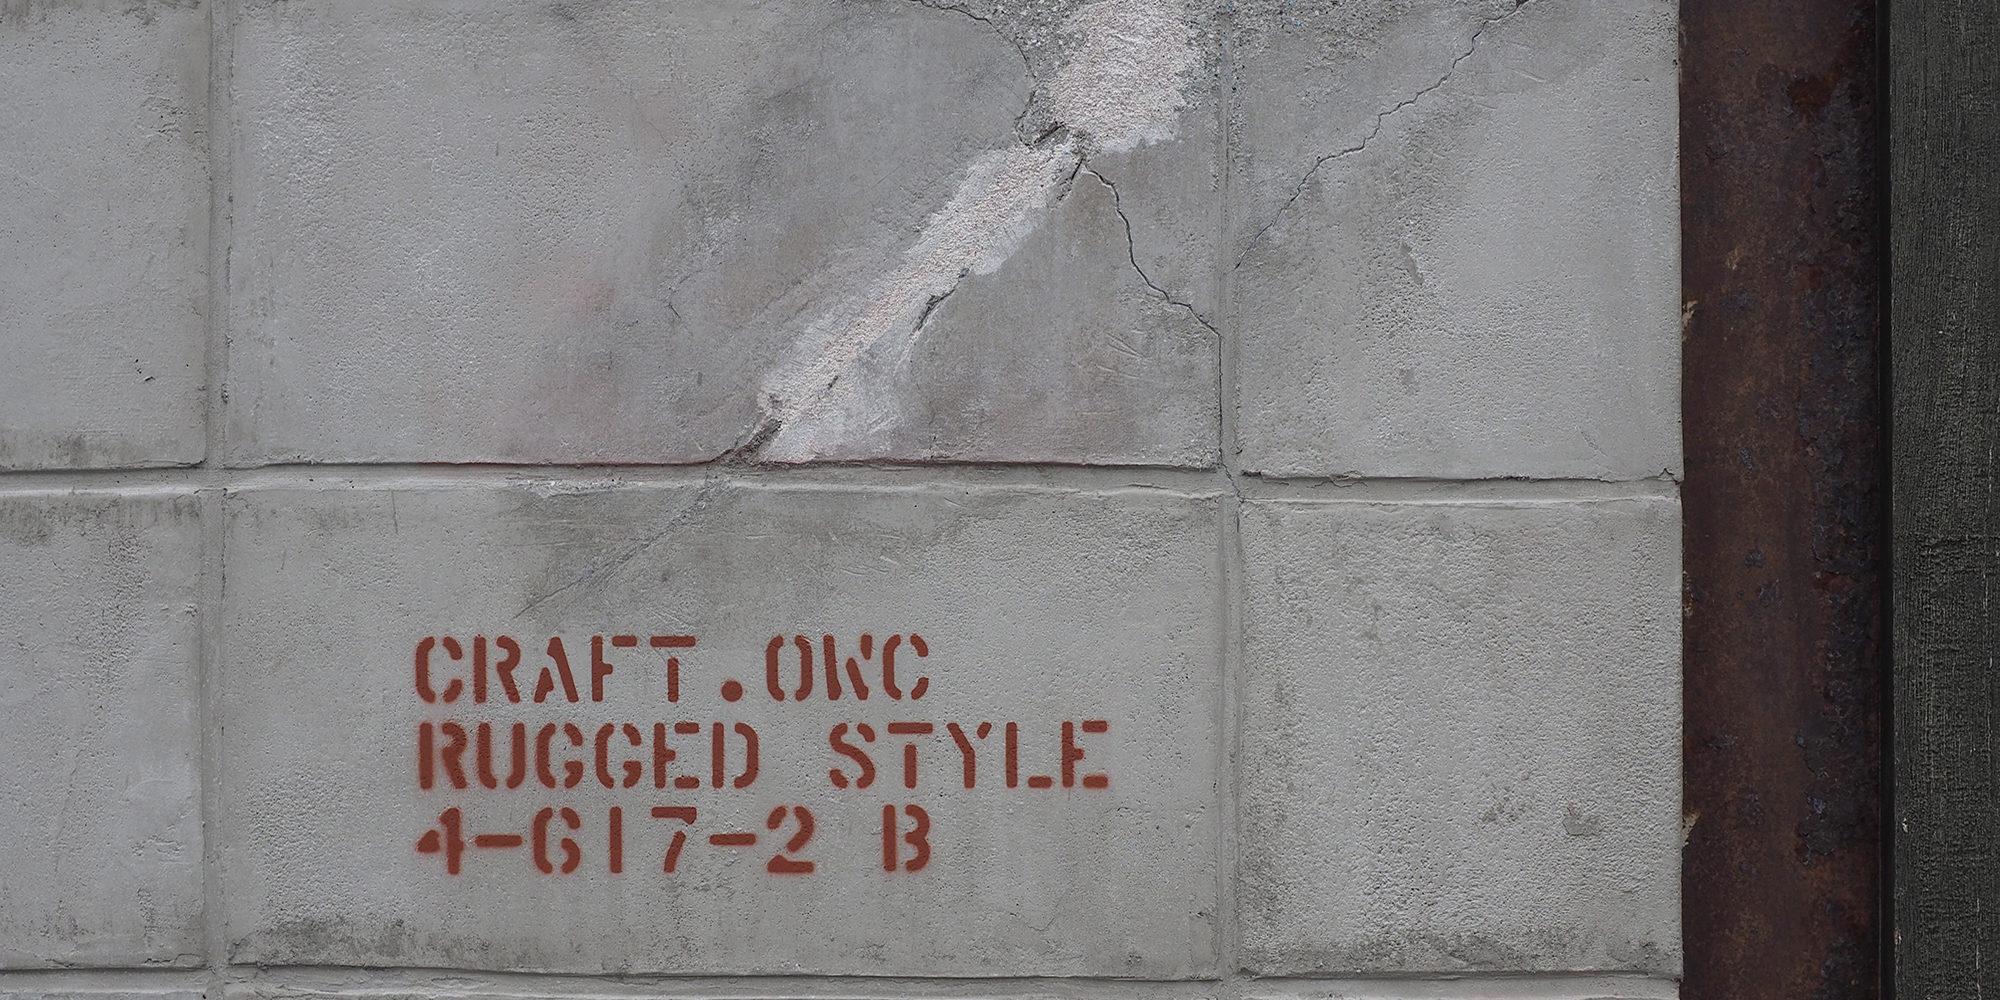 CRAFT.外壁画像